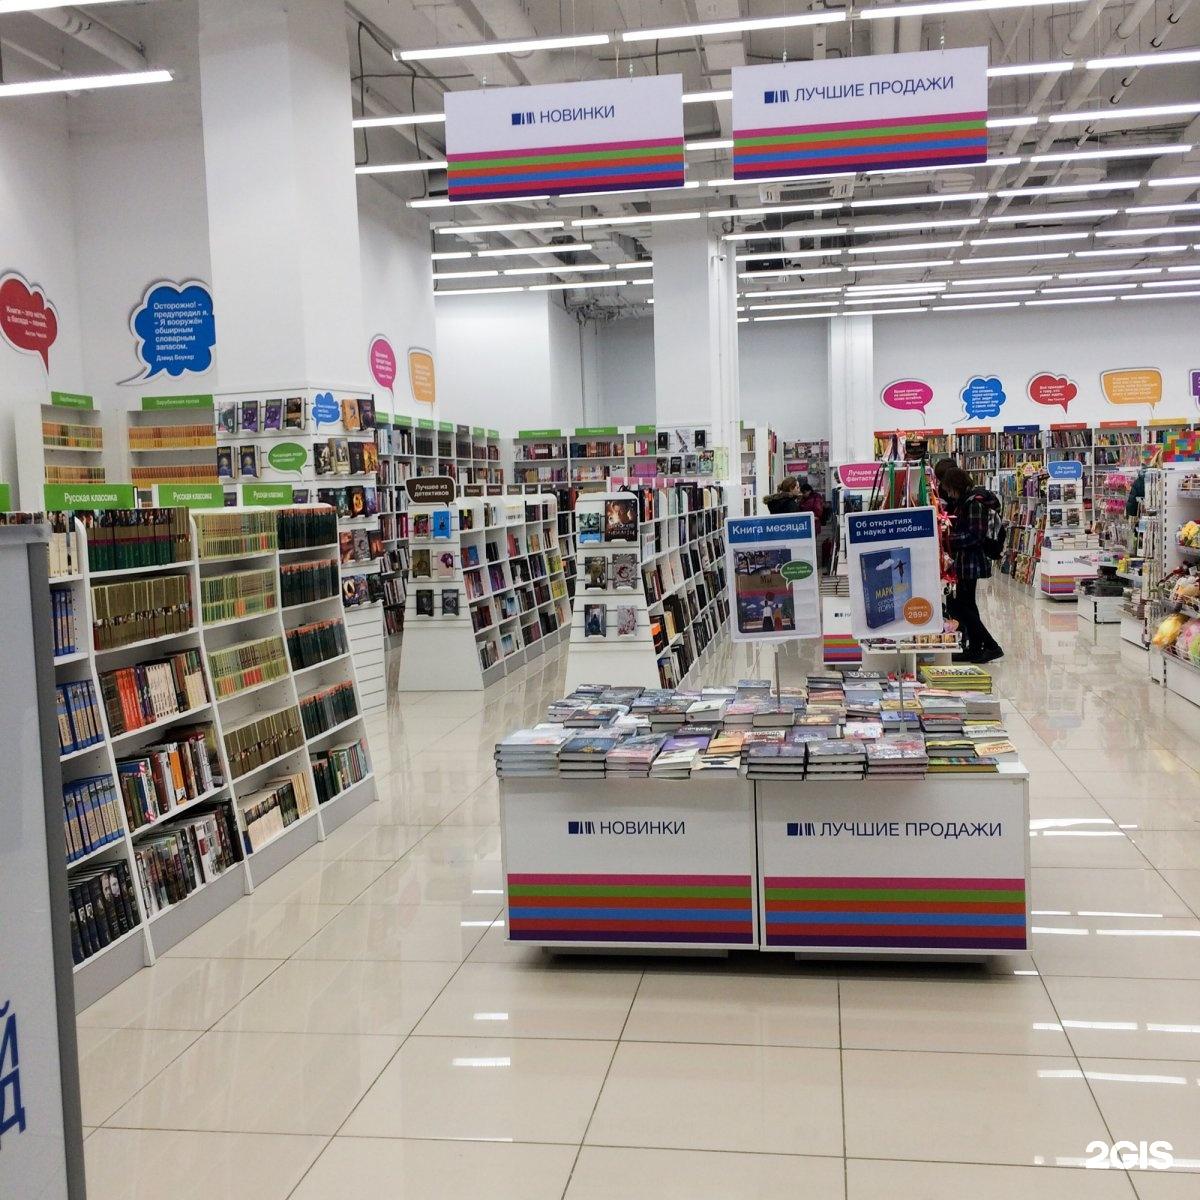 Читай Город Адреса Магазинов В Москве